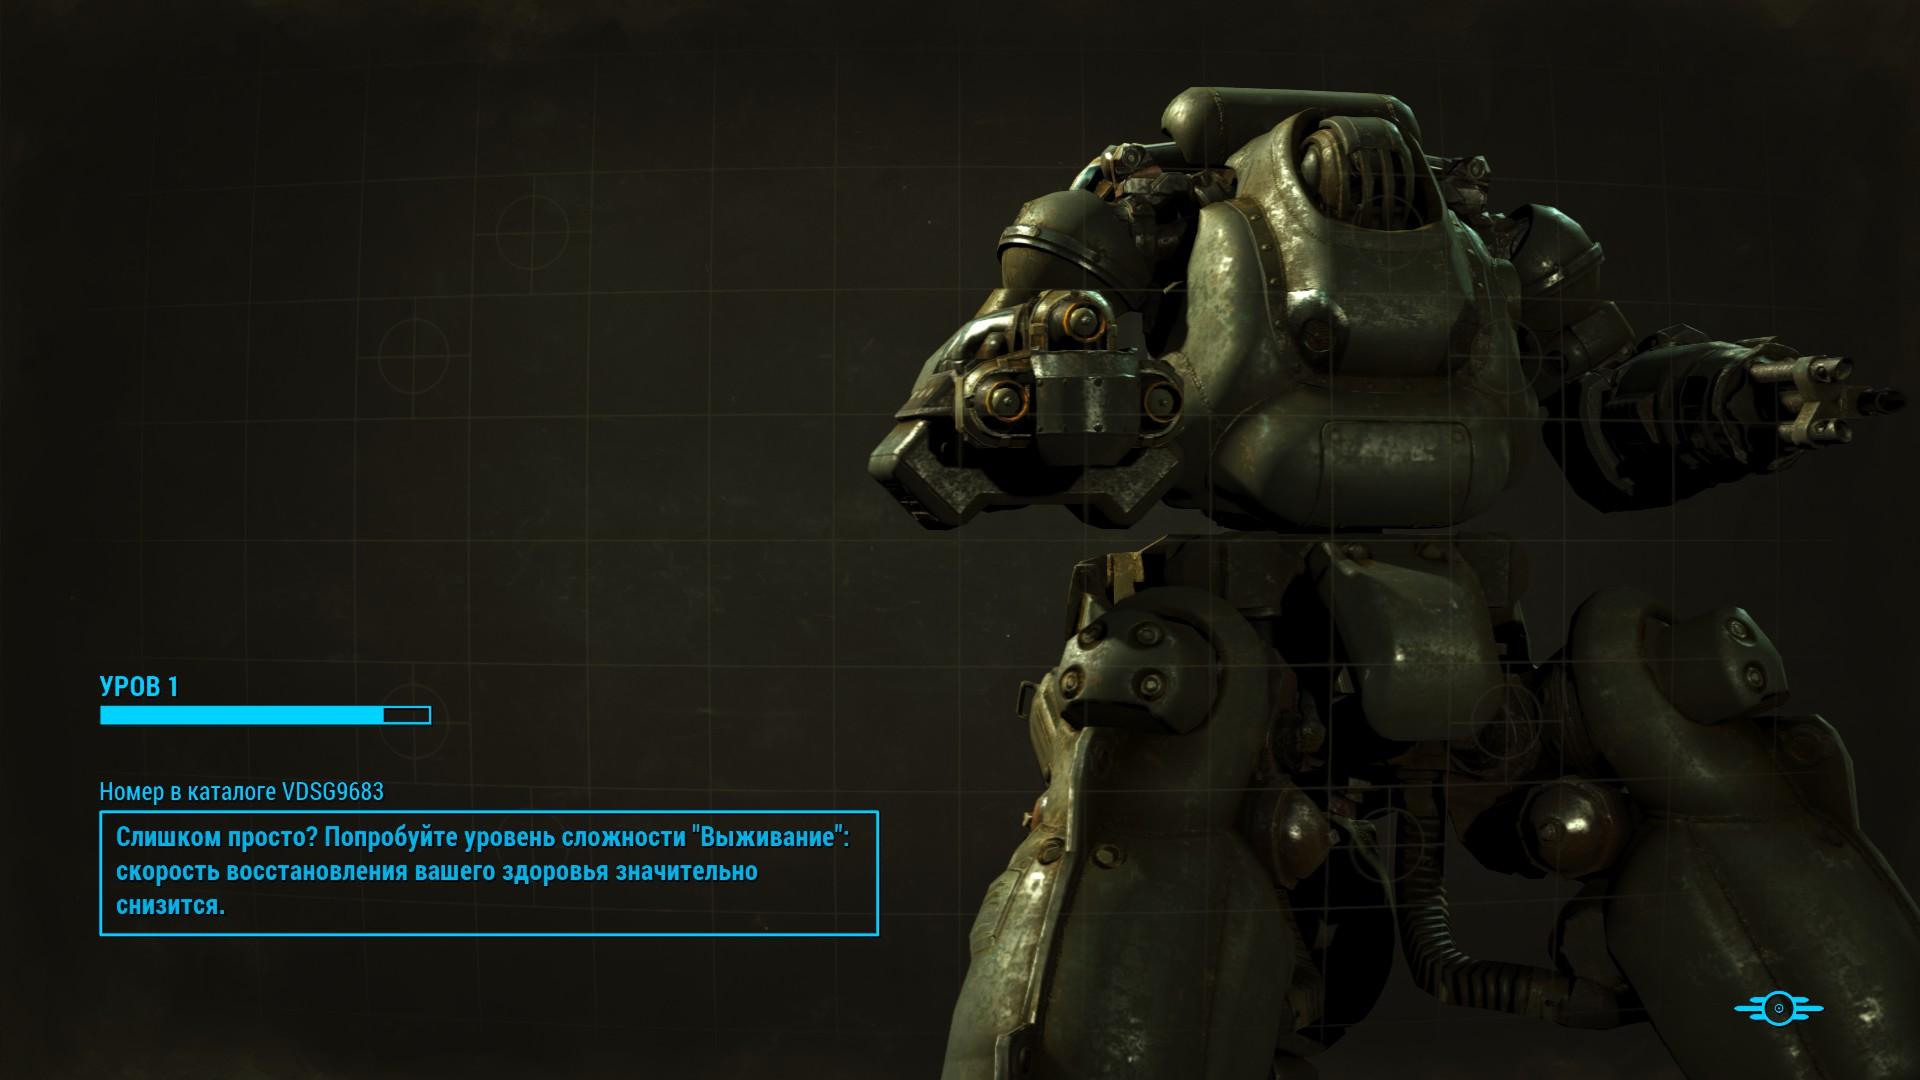 Мои похождения в мире Fallout 4 - Fallout 4